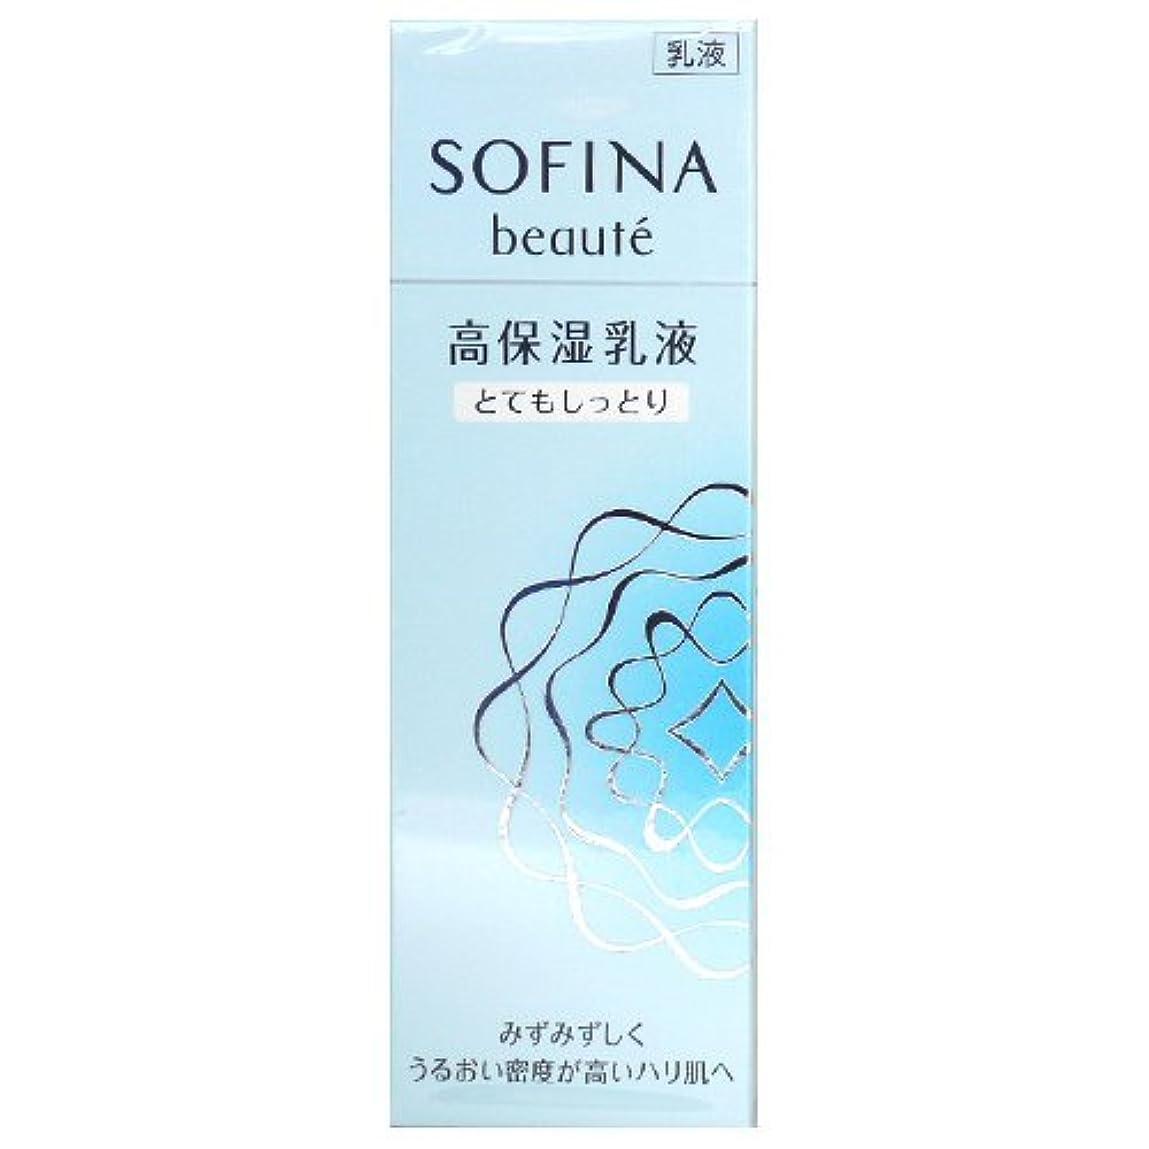 手紙を書く相関する緑花王 ソフィーナ ボーテ SOFINA beaute 高保湿乳液 とてもしっとり 60g [並行輸入品]